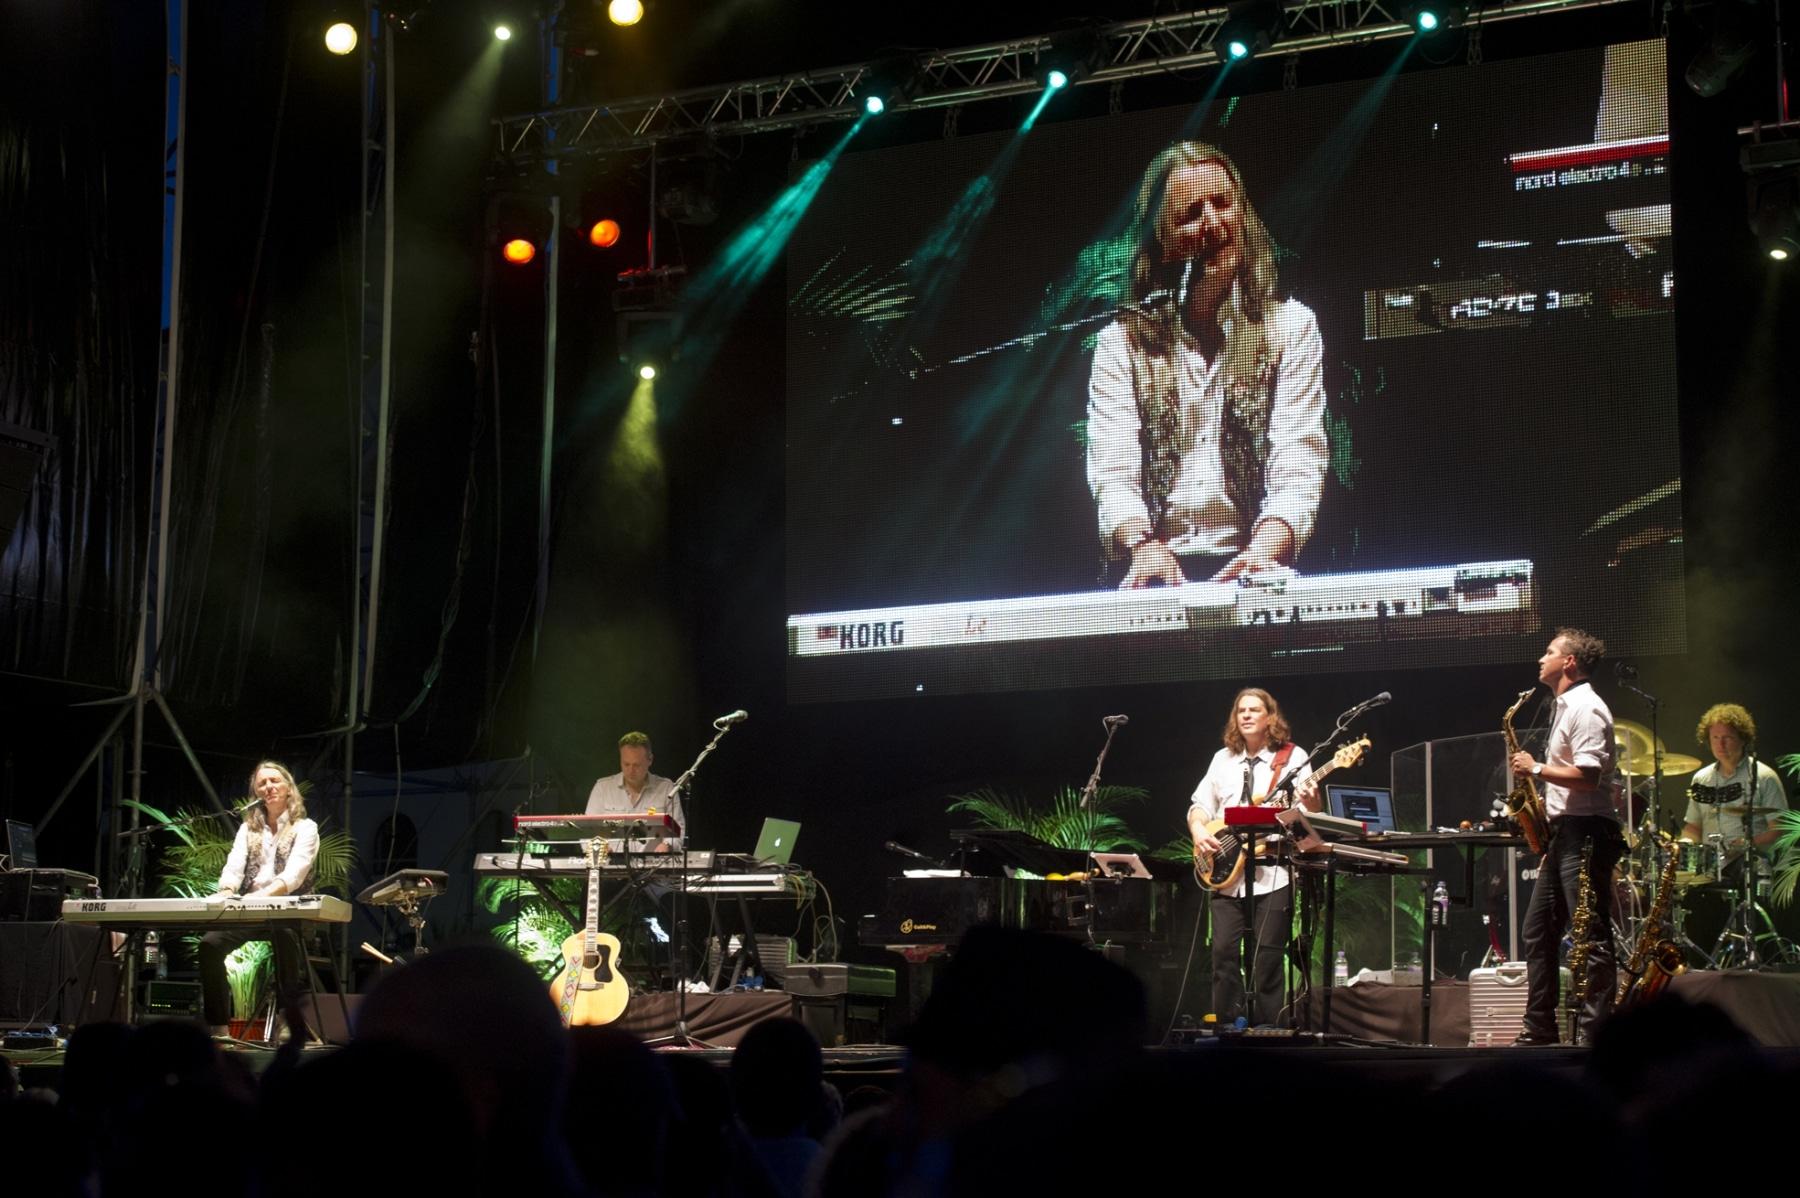 6-de-septiembre-2014-iii-gibraltar-music-festival40_15168383565_o